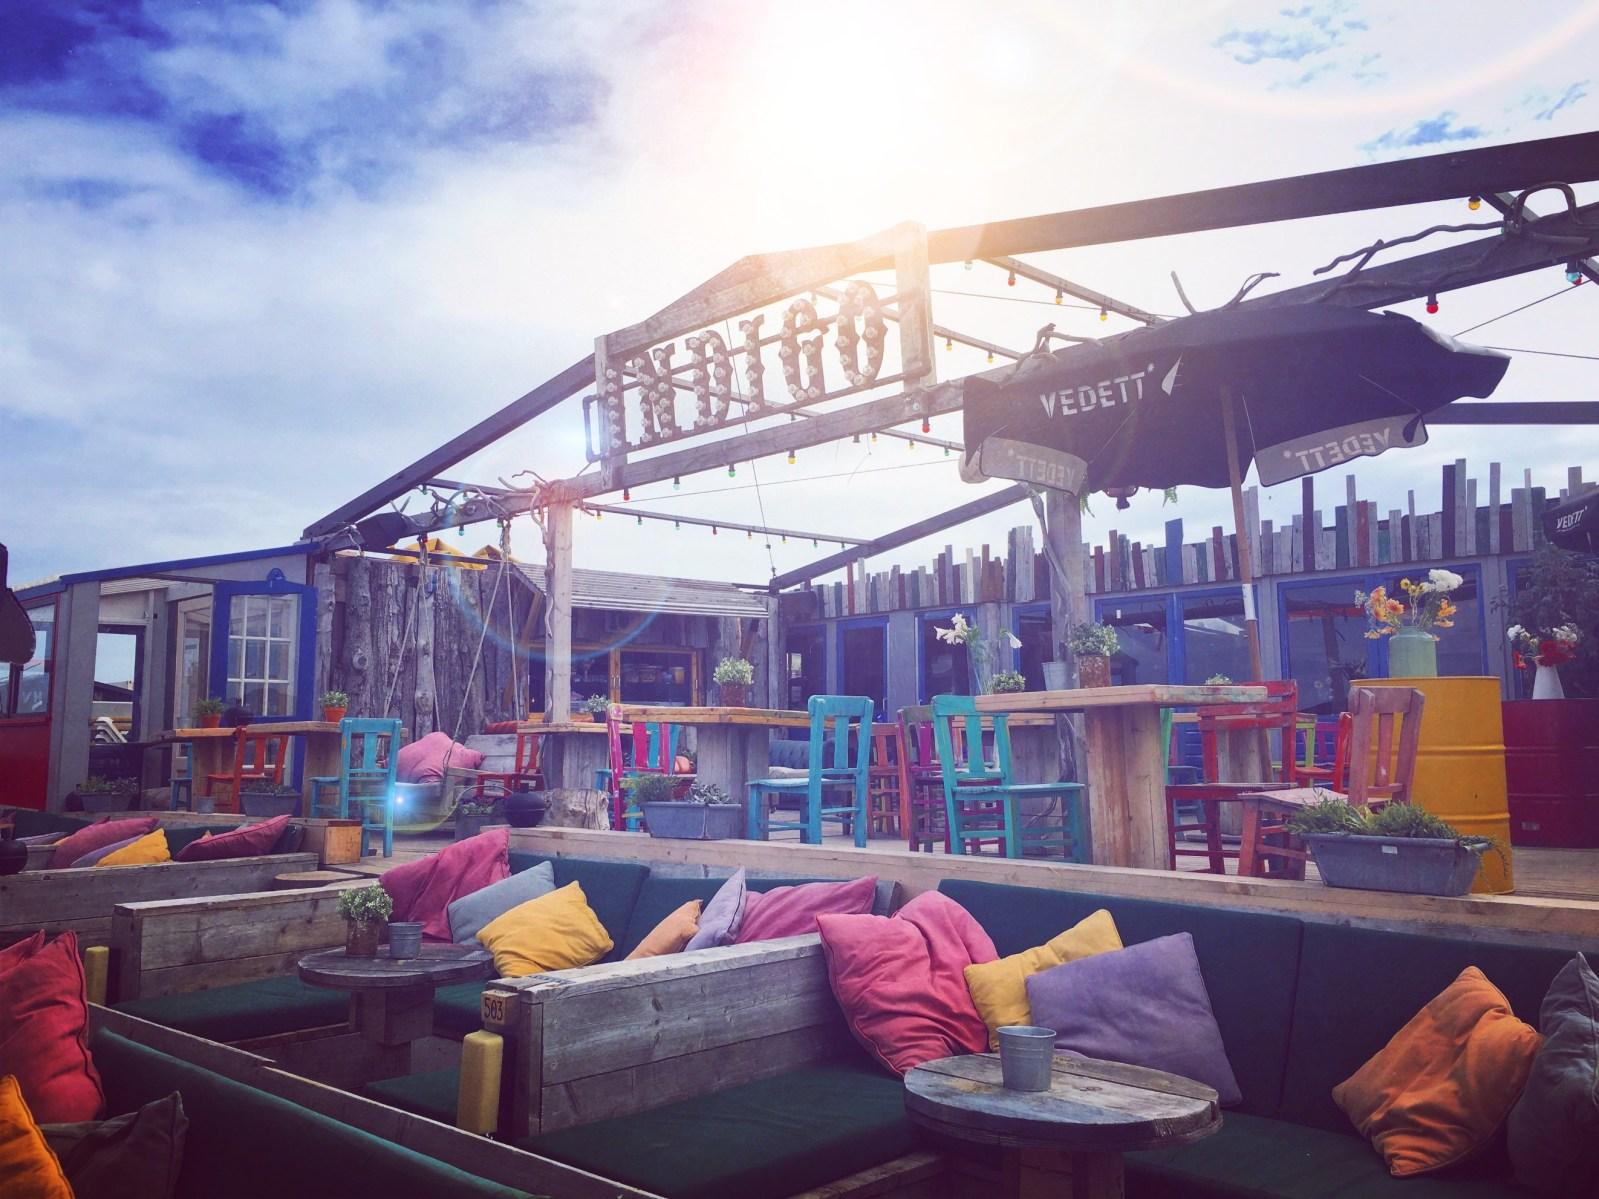 De beste en leukste beachclubs van scheveningen op een rij for Beste strandtent scheveningen